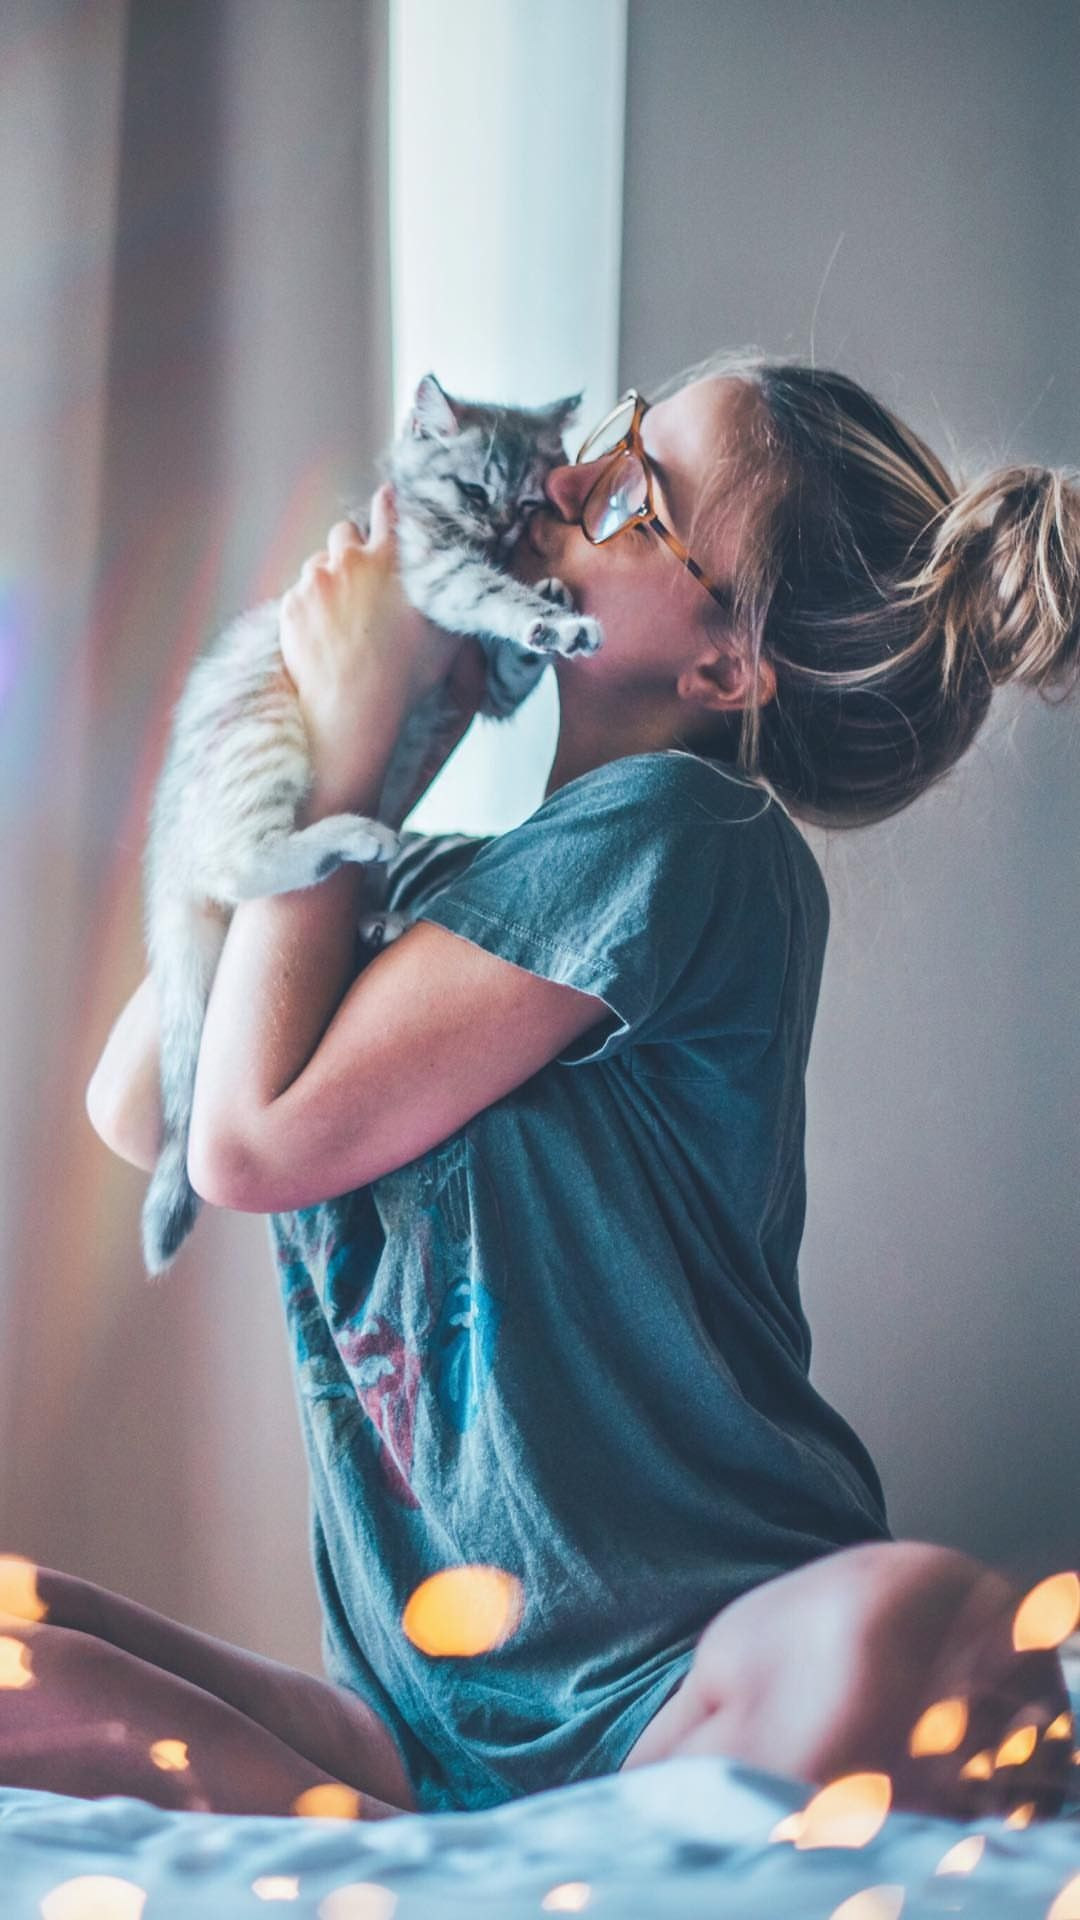 chica posando con su gato